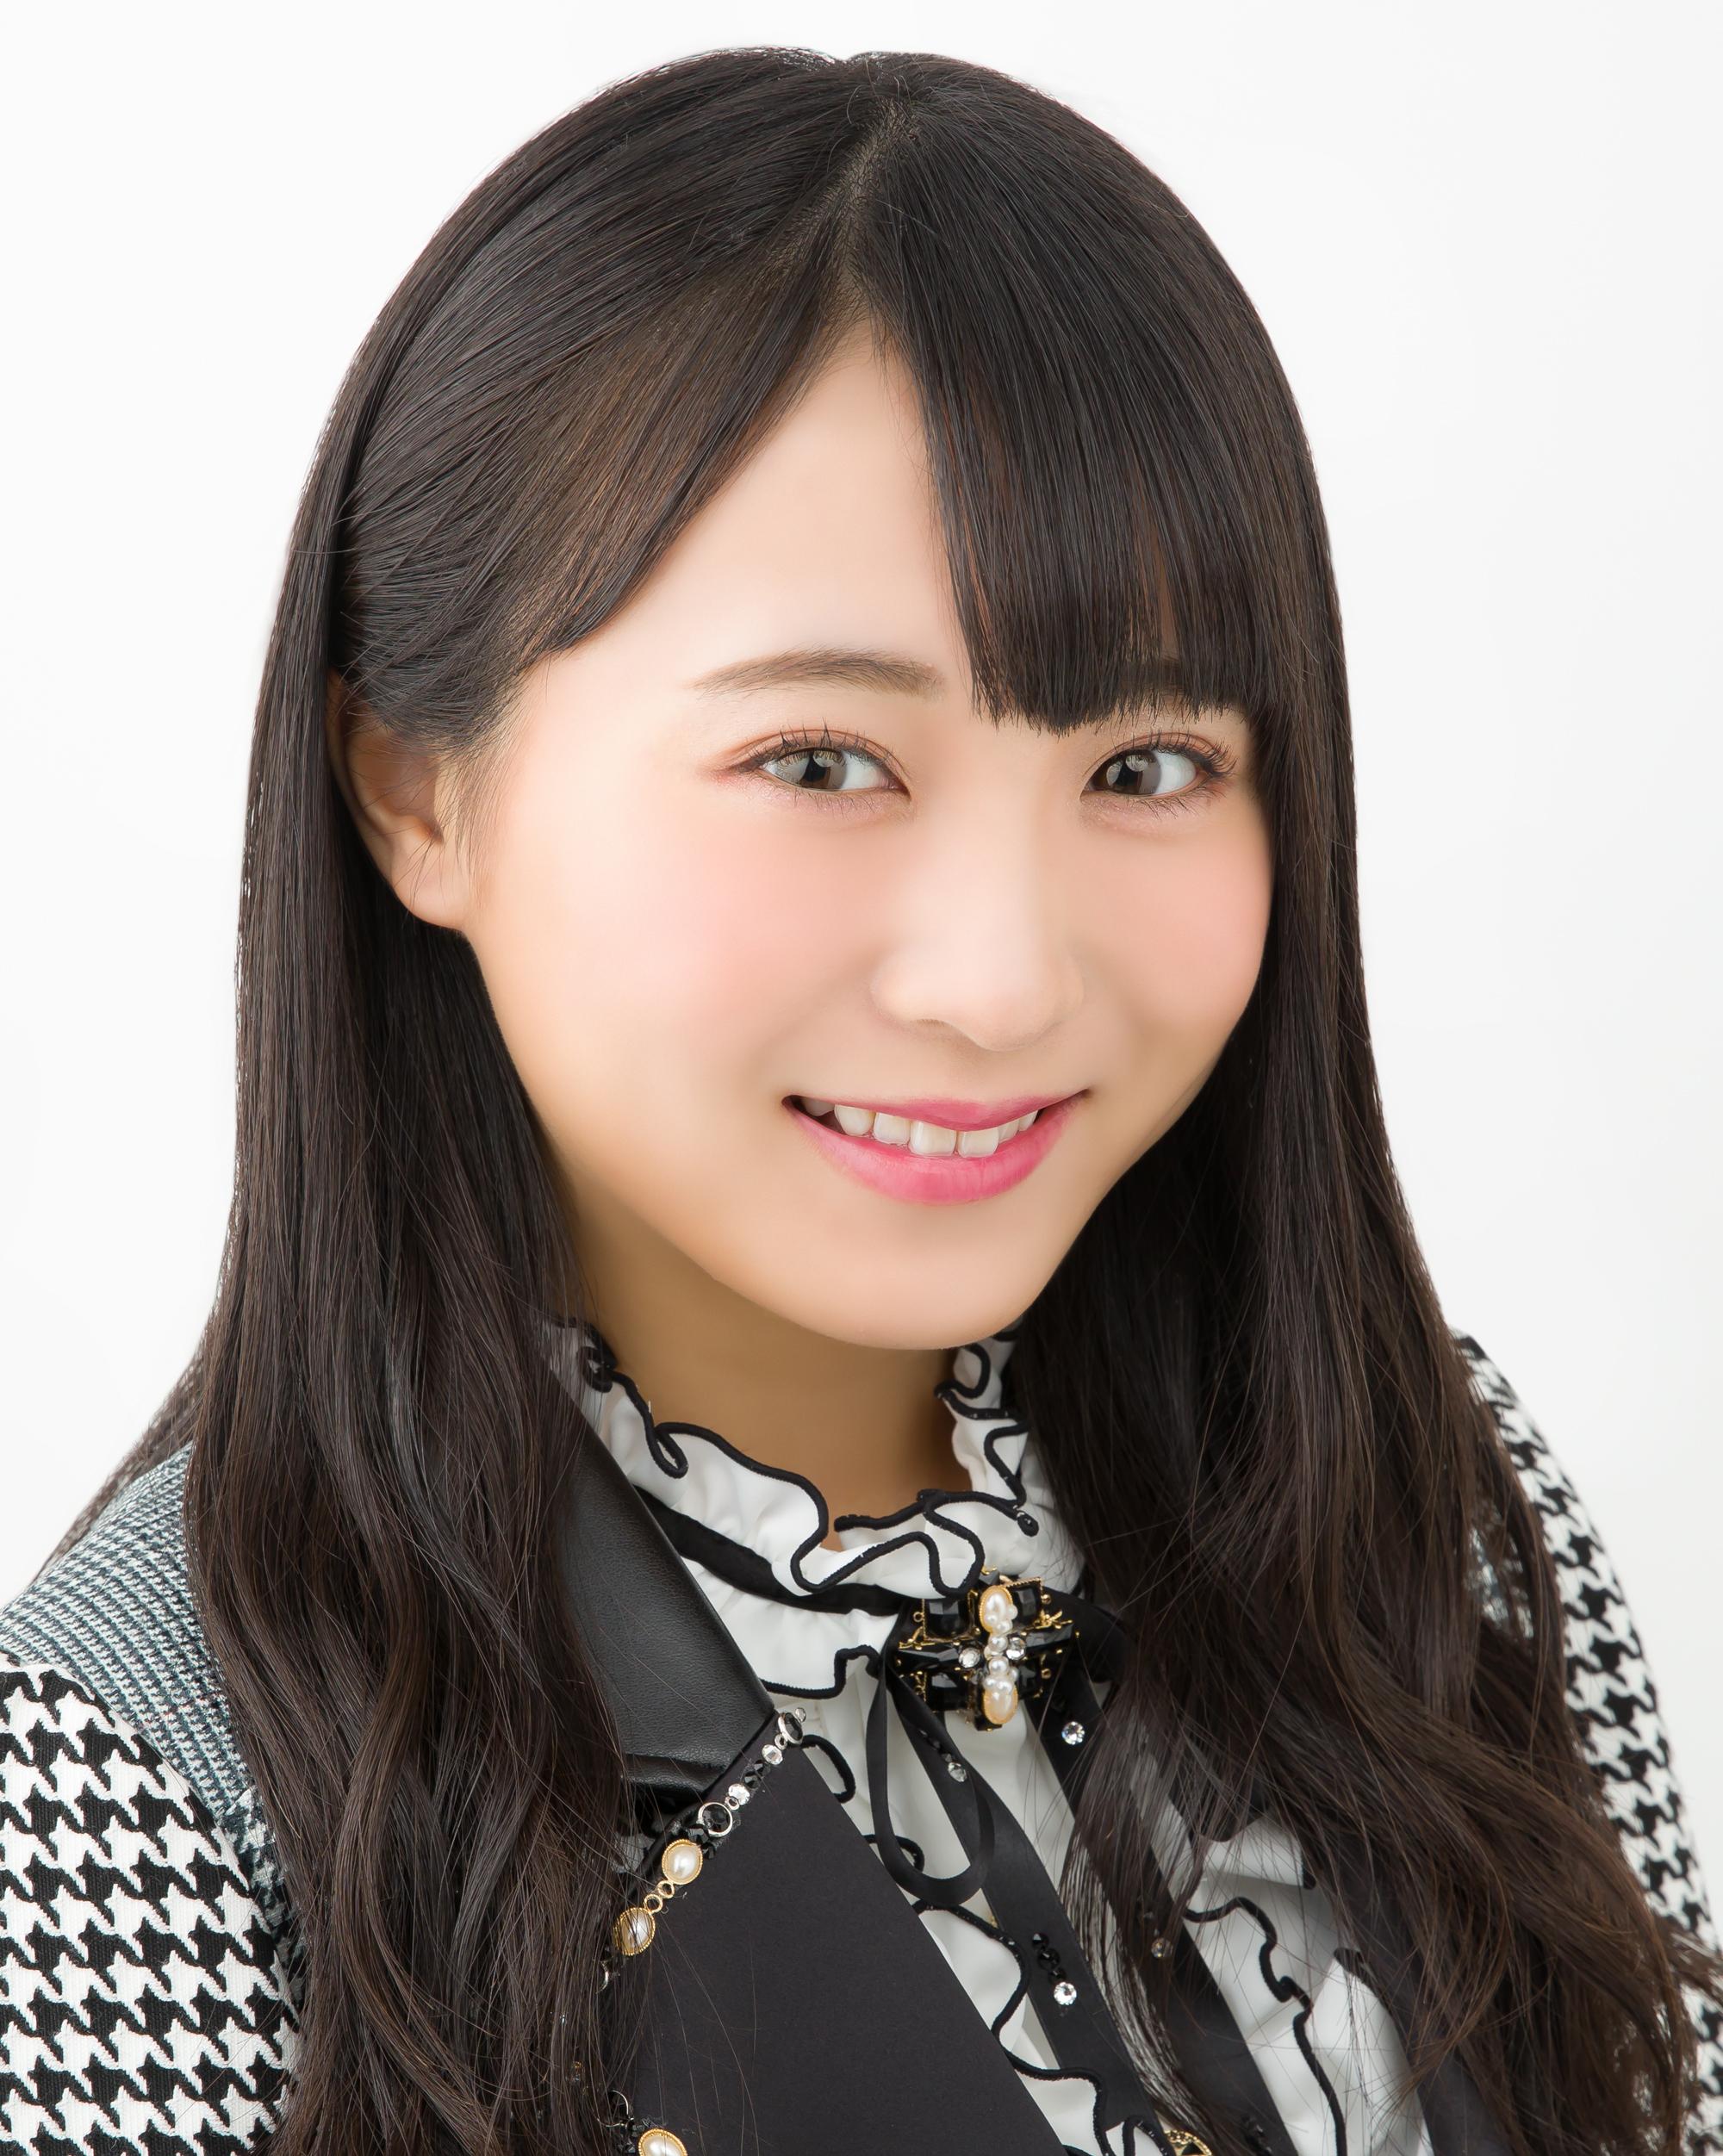 坂口渚沙(AKB48 Team 8/Team 4兼任)